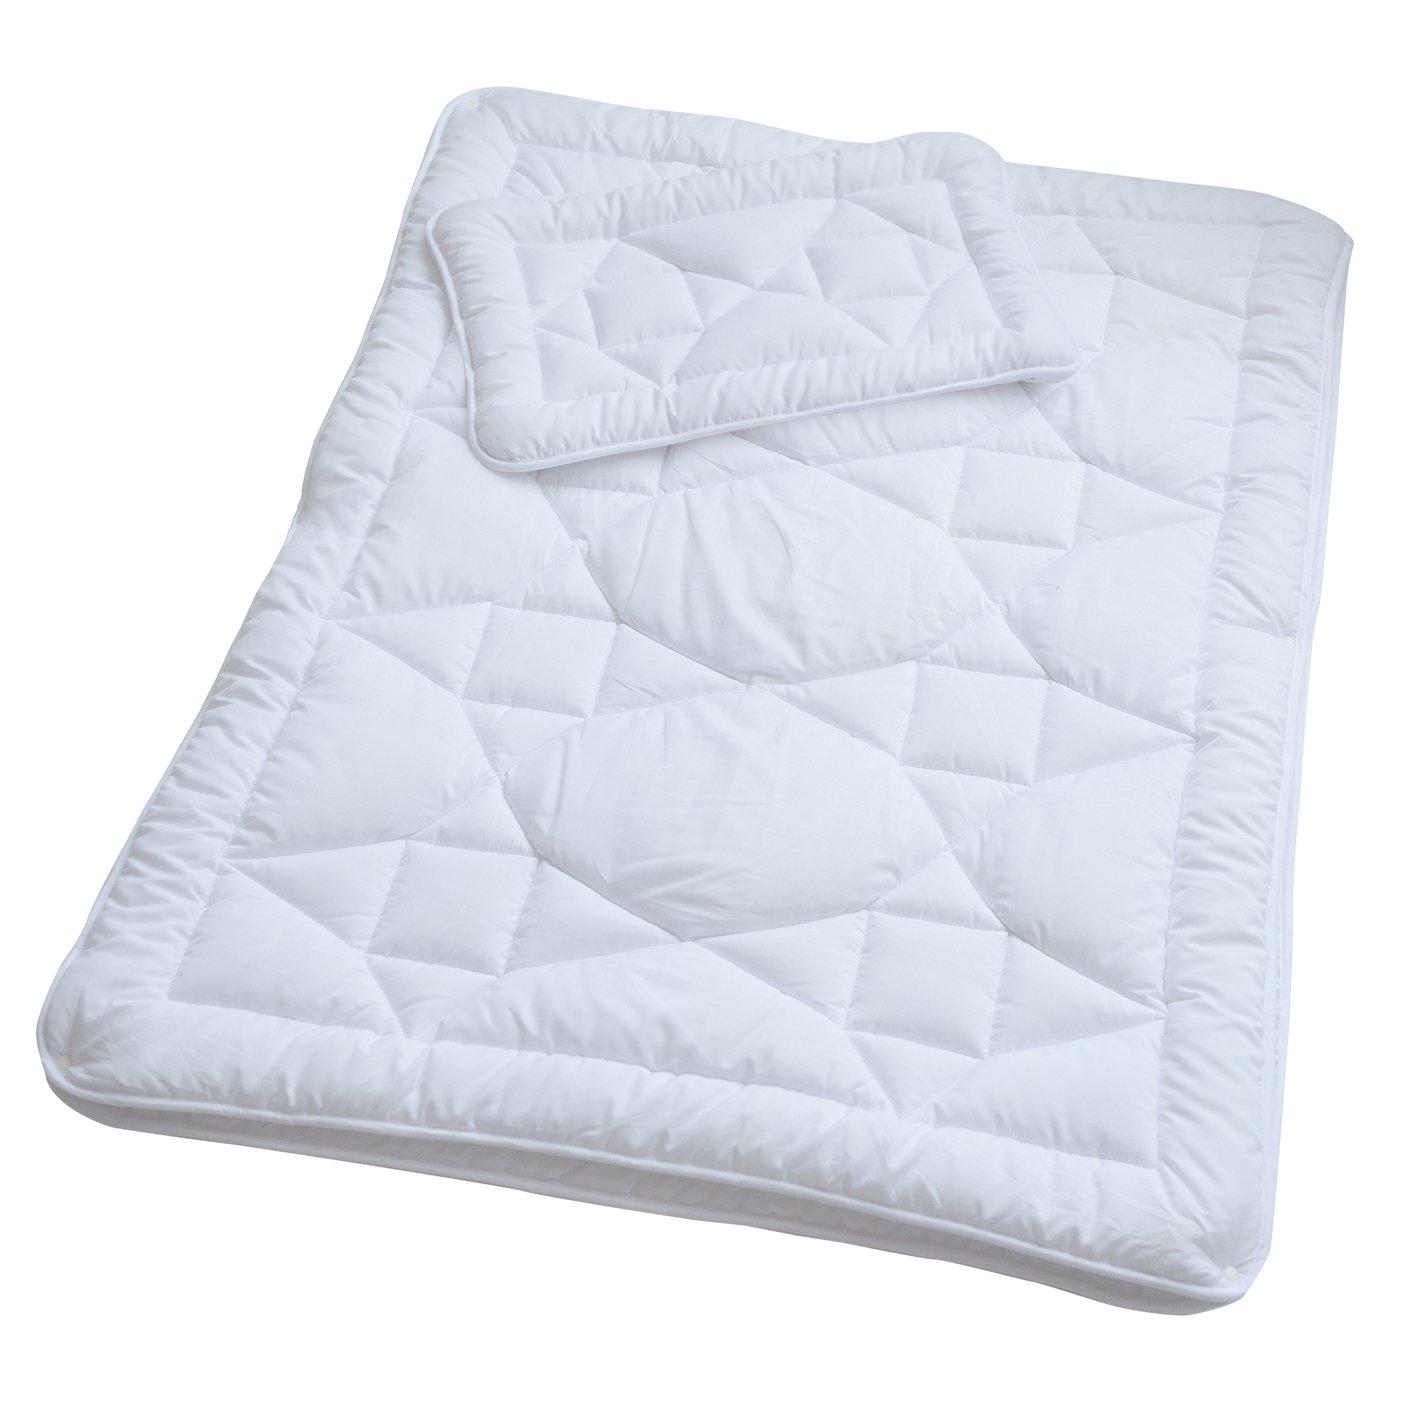 2 tlg Kinderbett Set Decke Kissen 120x90cm Bettdecke Bettdeckenset